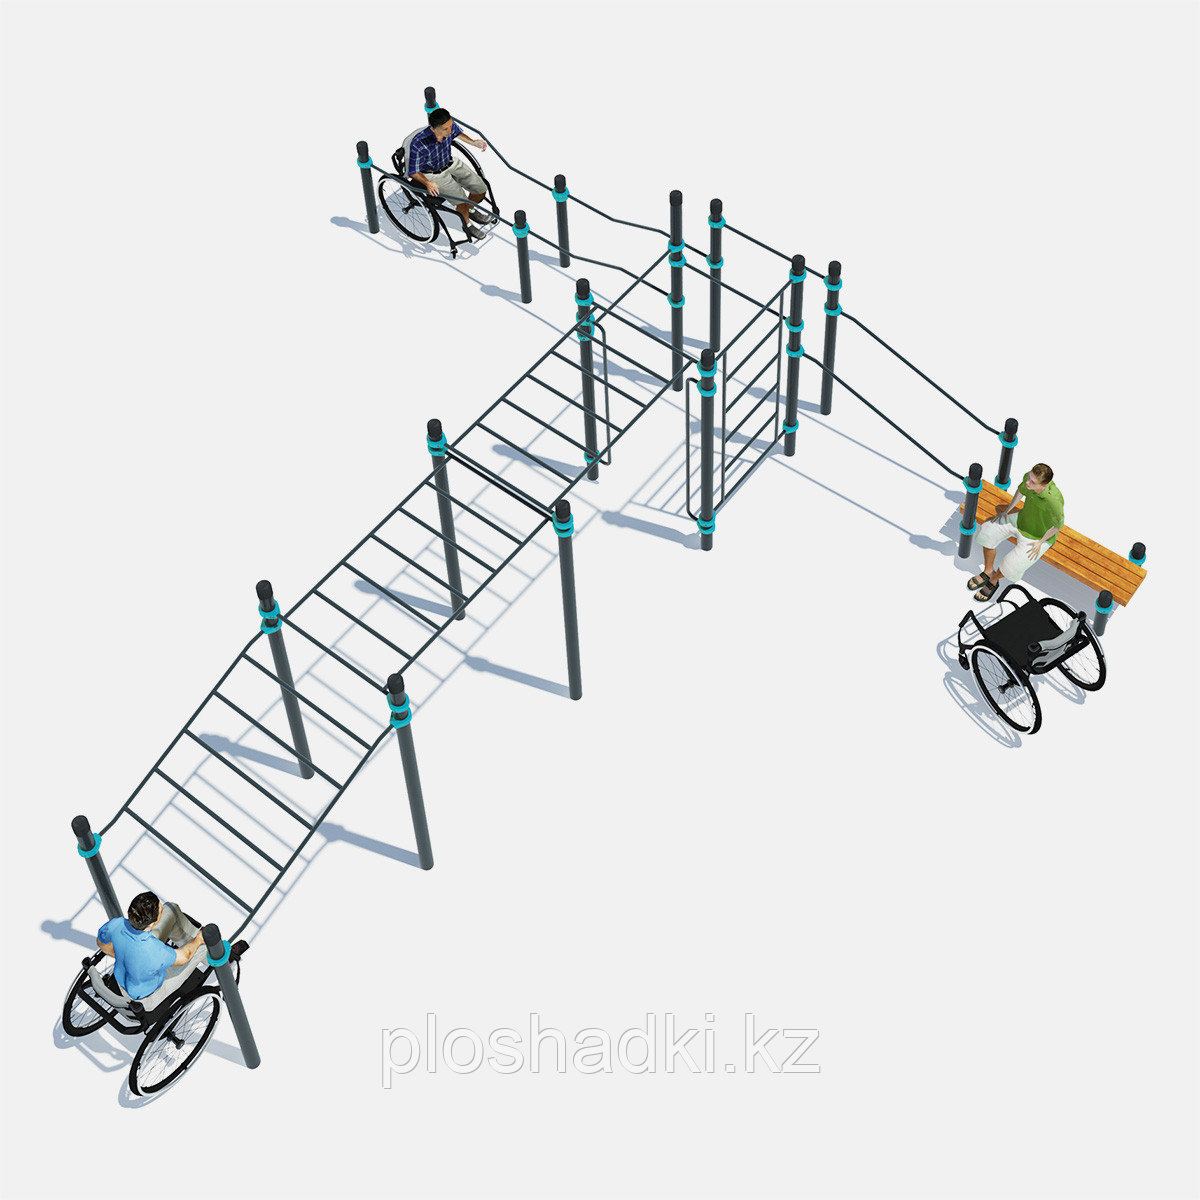 Тренажер для людей с ограниченными возможностями, для нескольких человек